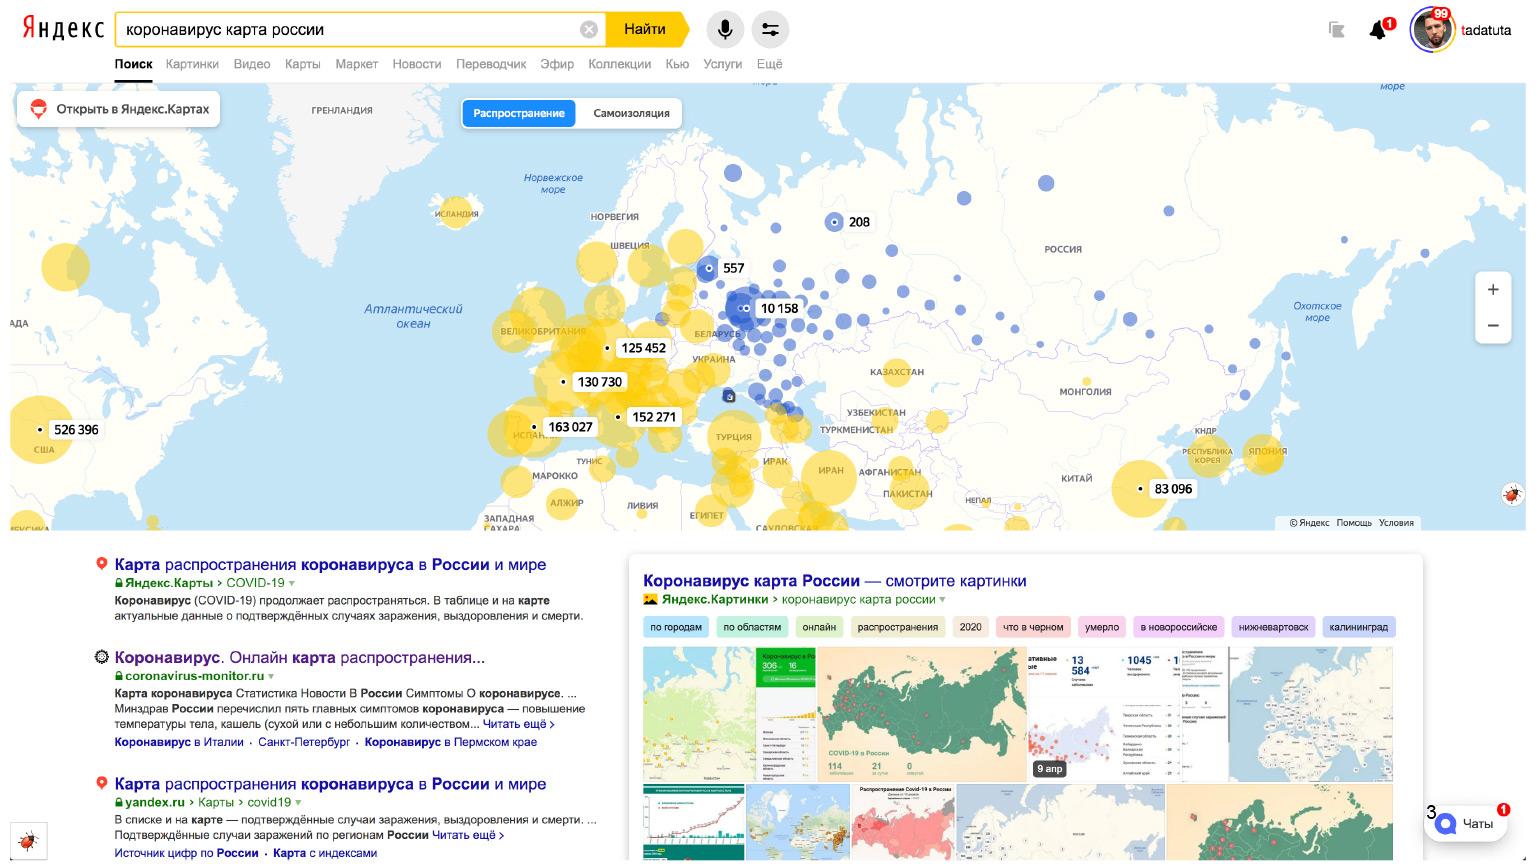 Автоматизация тестирования на максималках. Доклад Яндекса - 1